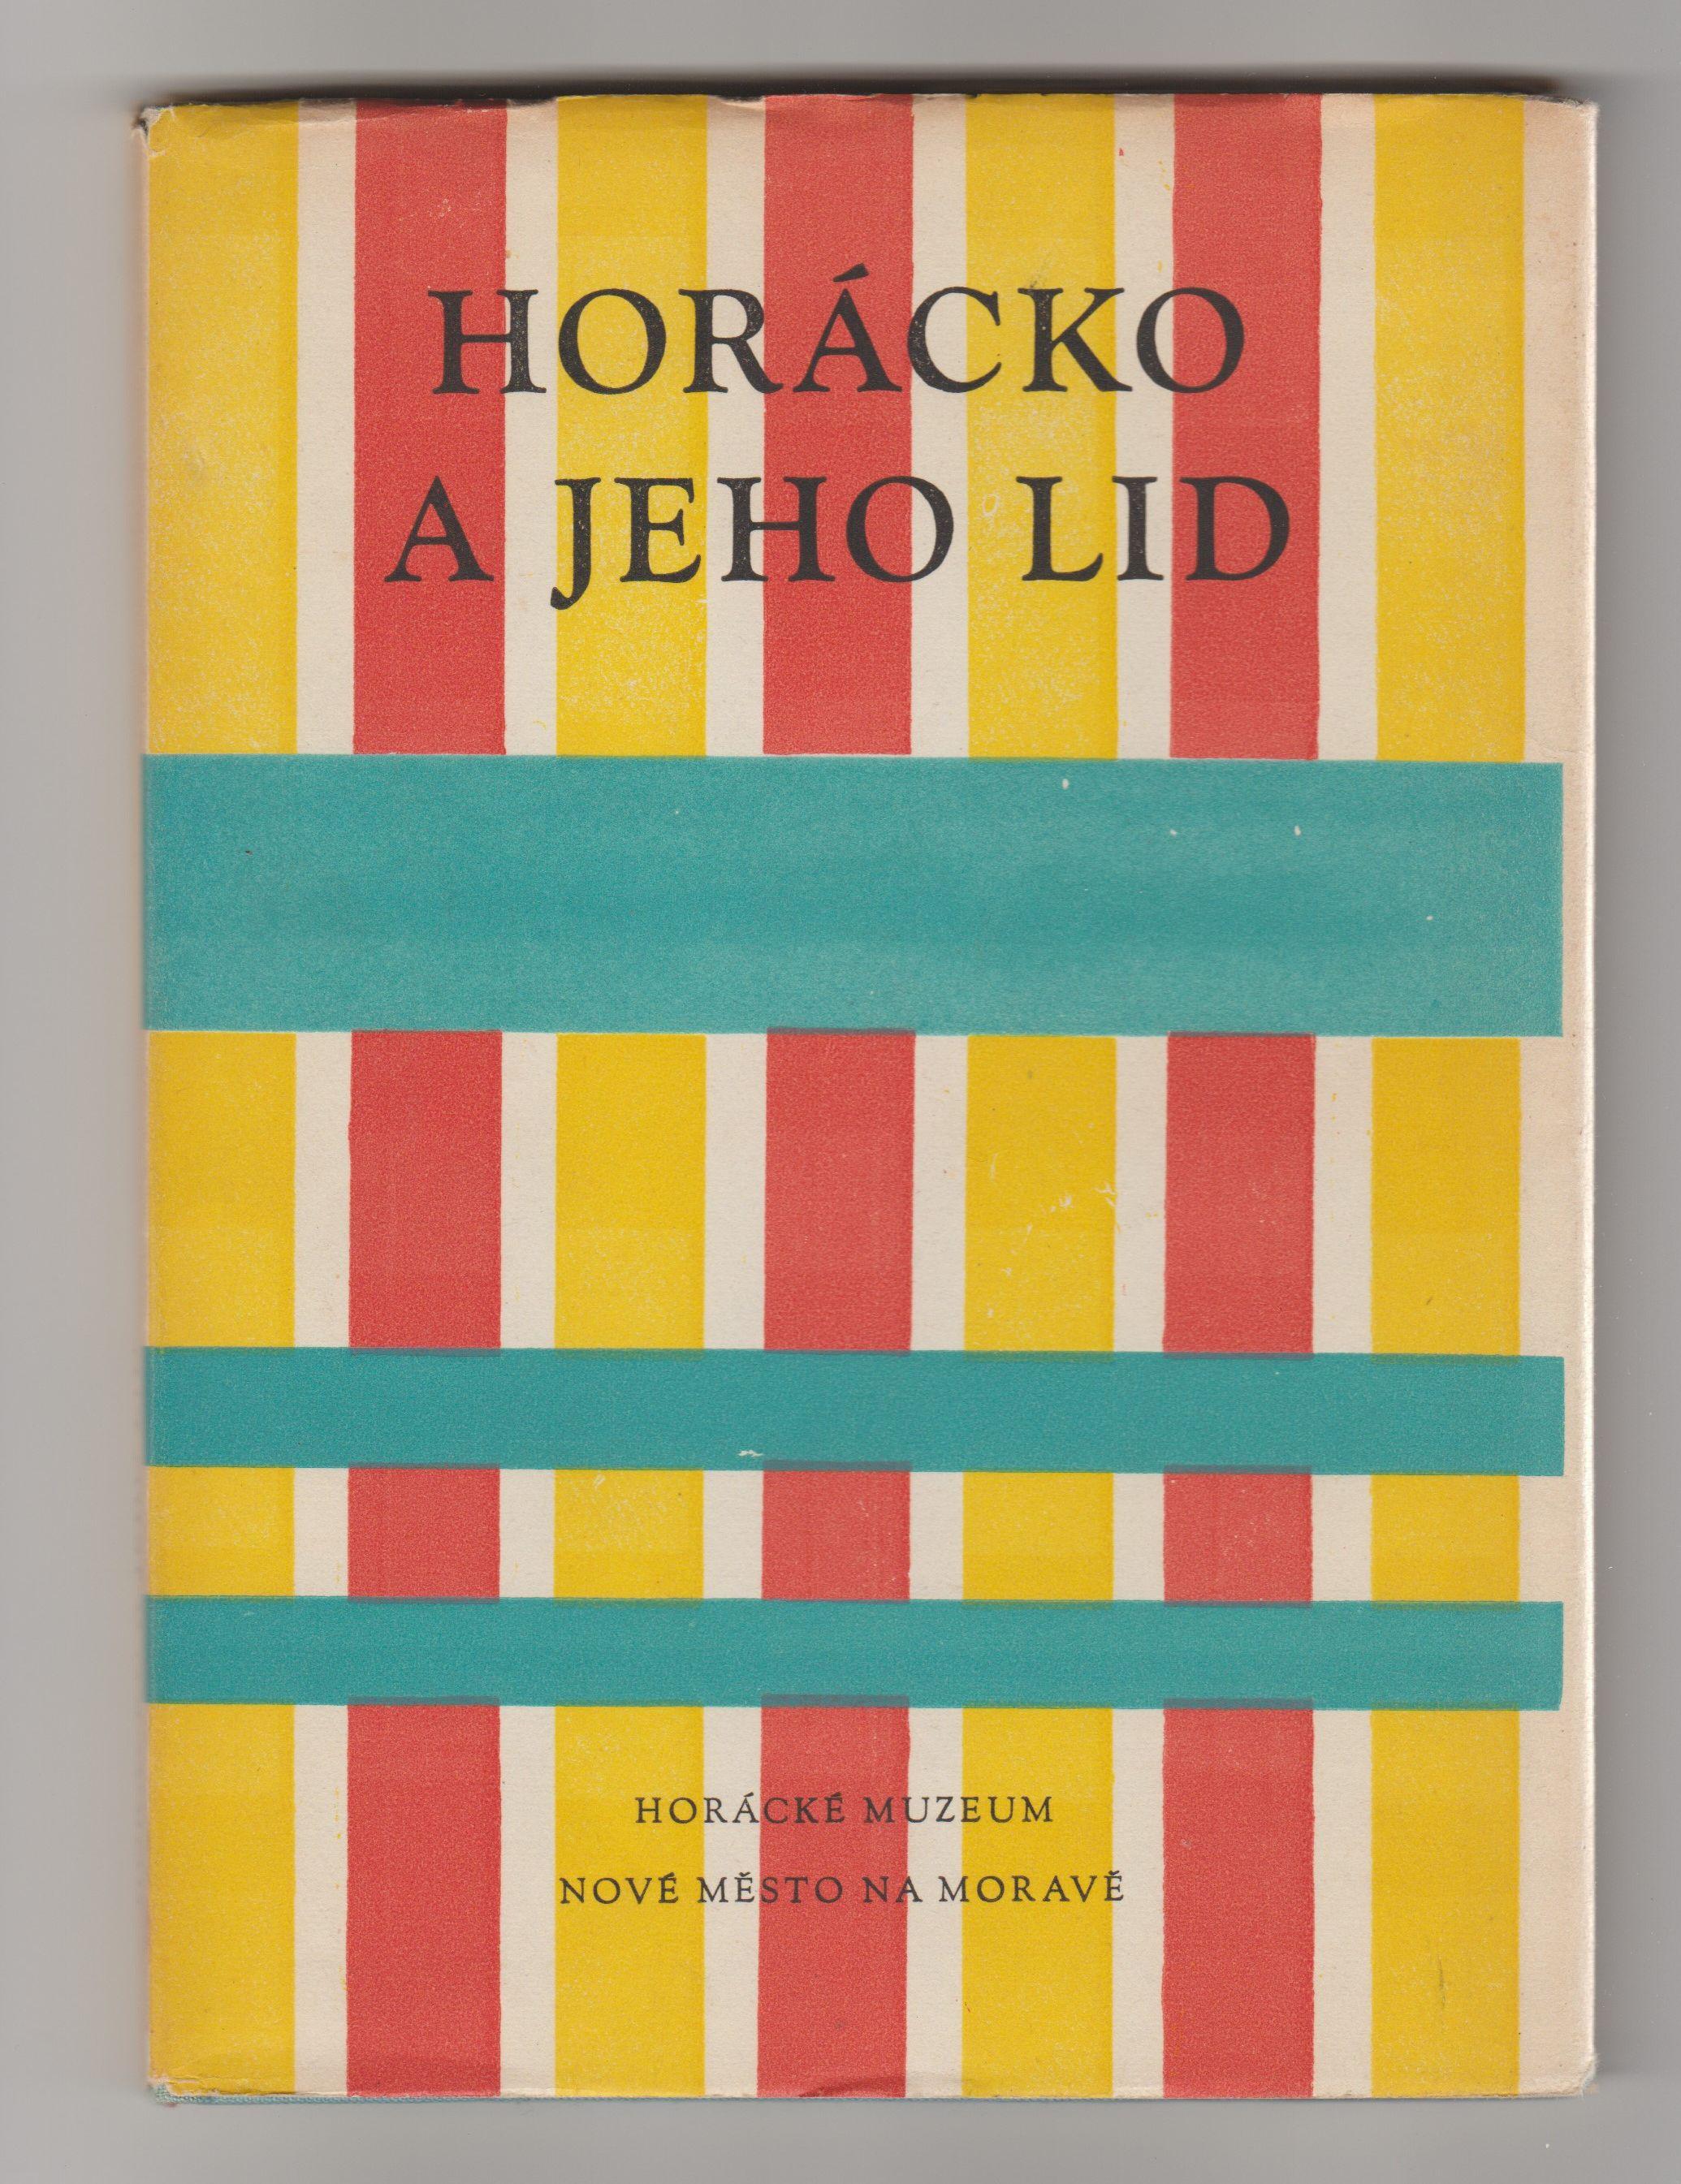 Horácko a jeho lid - s věnováním a podpisem Emila Zátopka